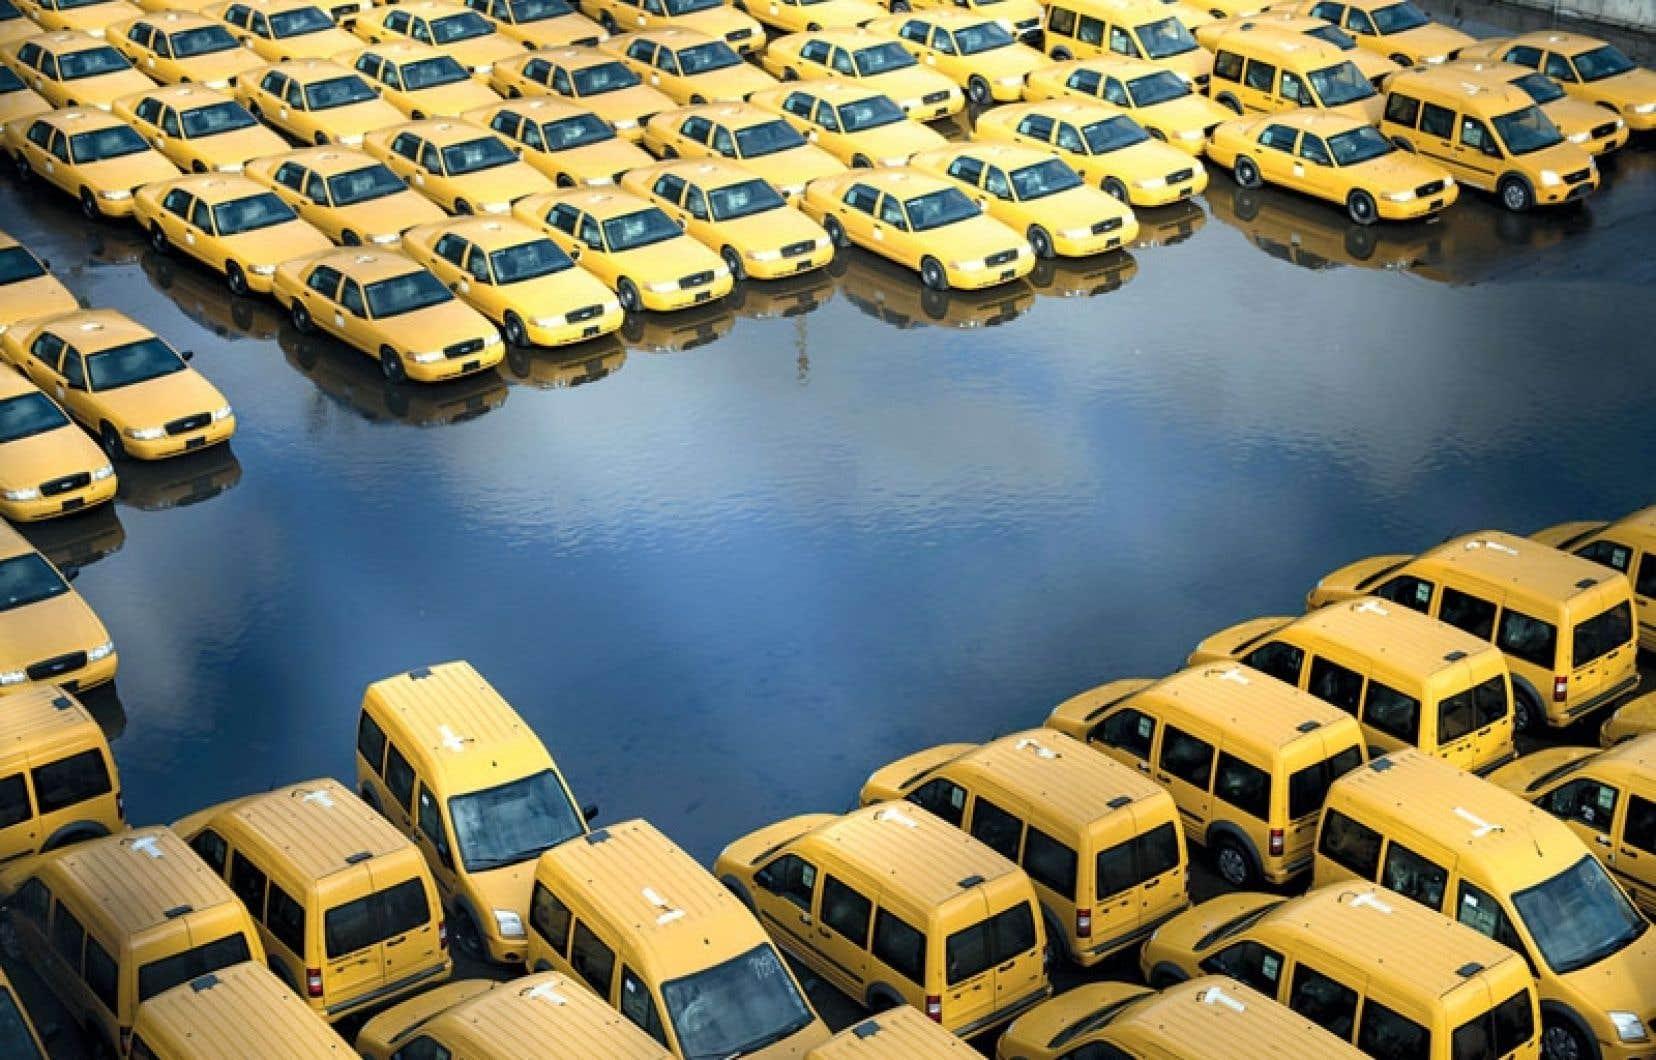 Difficile d'imaginer meilleure photo pour illustrer le passage de l'ouragan Sandy à New York.